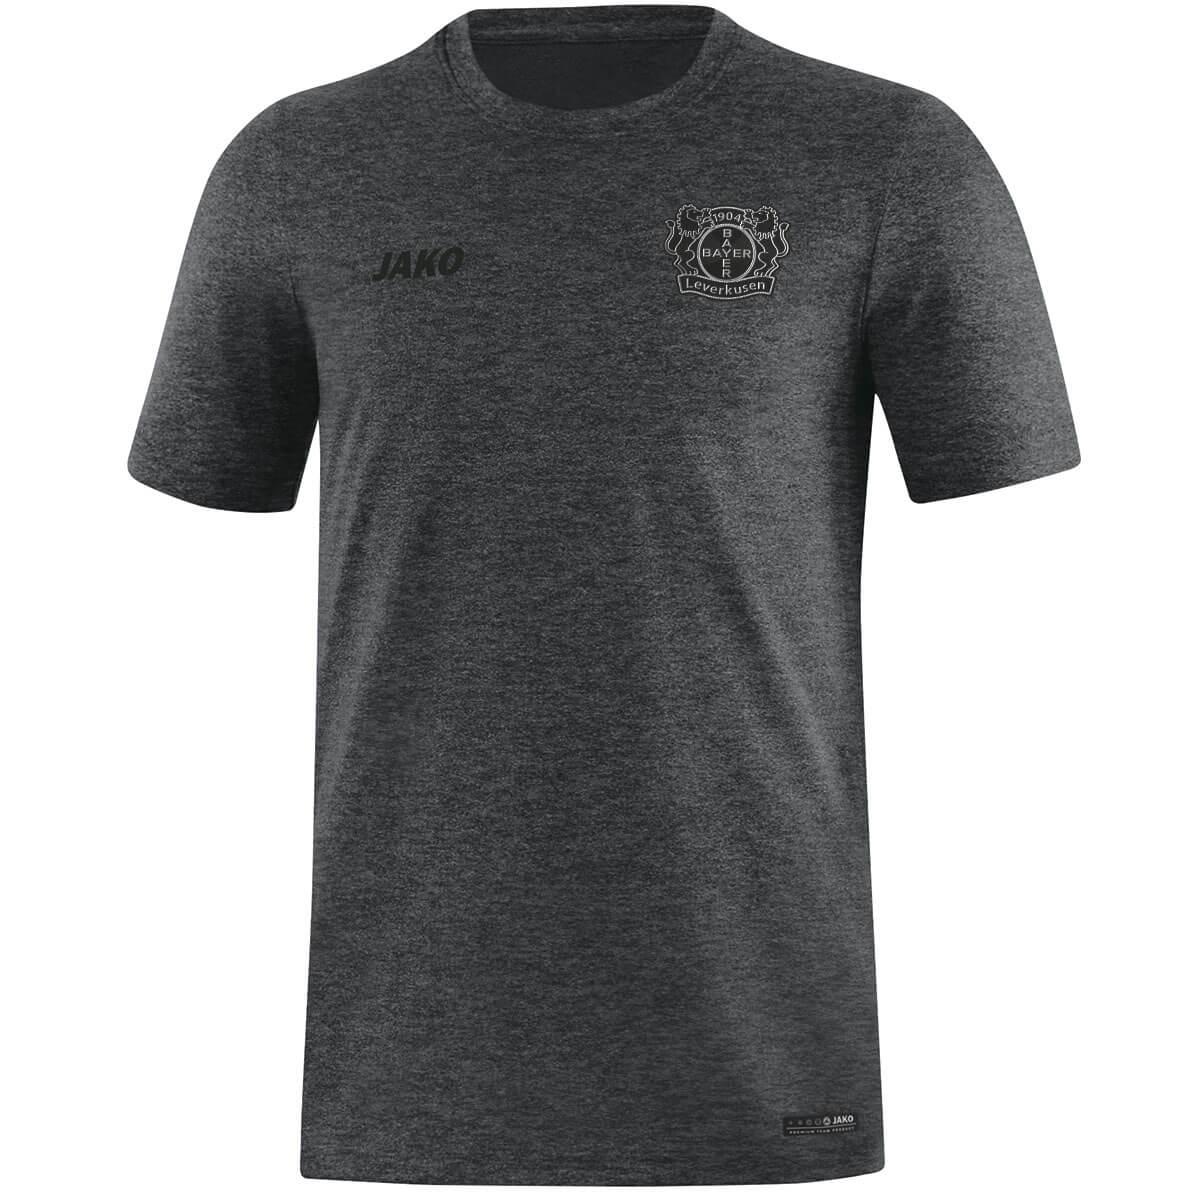 B04 T-Shirt Premium Basics - Frauen | Jako BA6129I